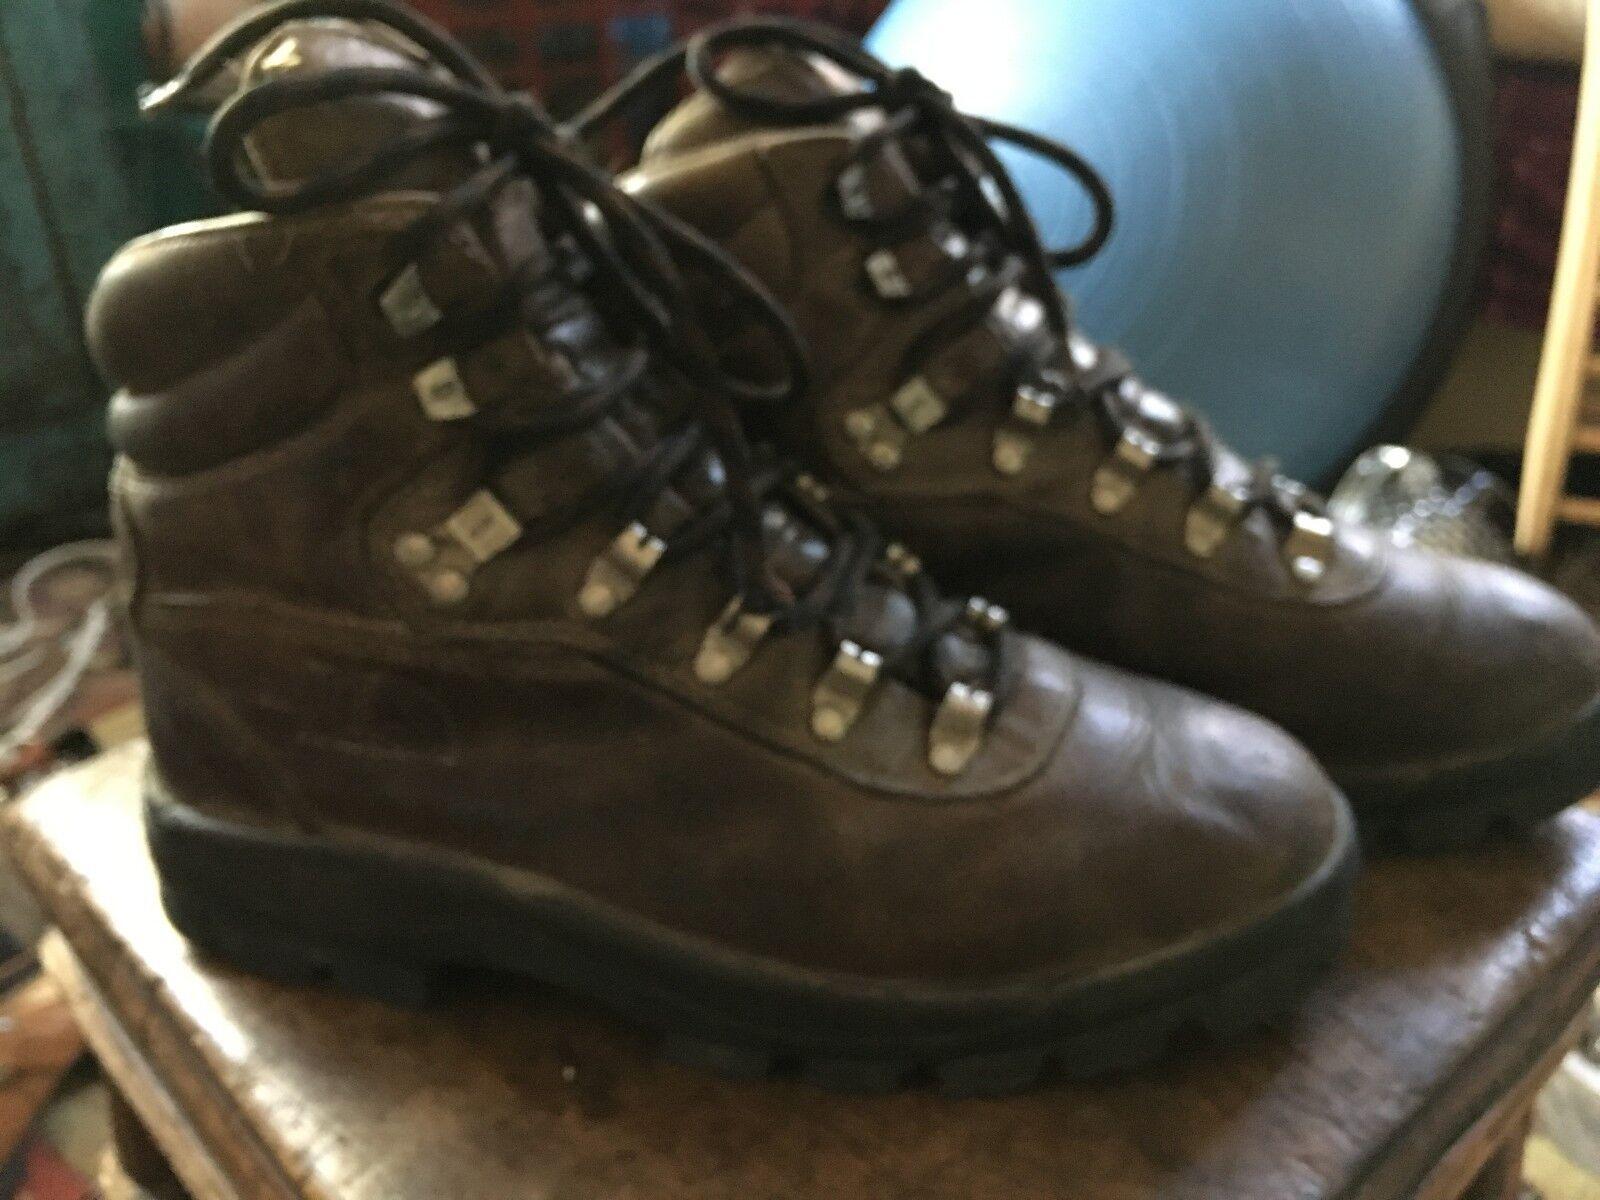 Parete nord Uomo x2 stivali di pelle marrone sentiero trekking robuste sz 7,5 scarpe robuste trekking di 40,5 ba6a0e